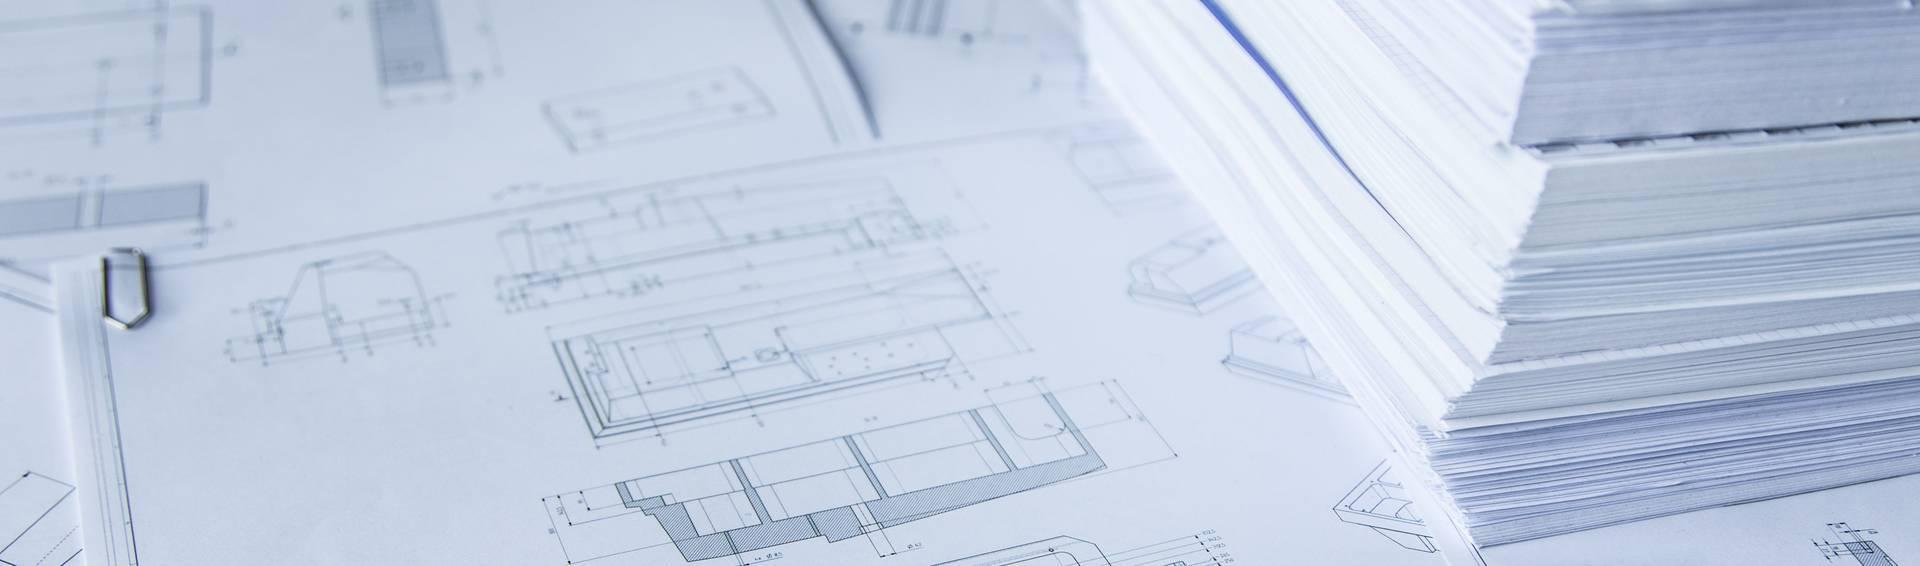 Konstrukteur/in EFZ: Berufsprofil Stellwerk 8